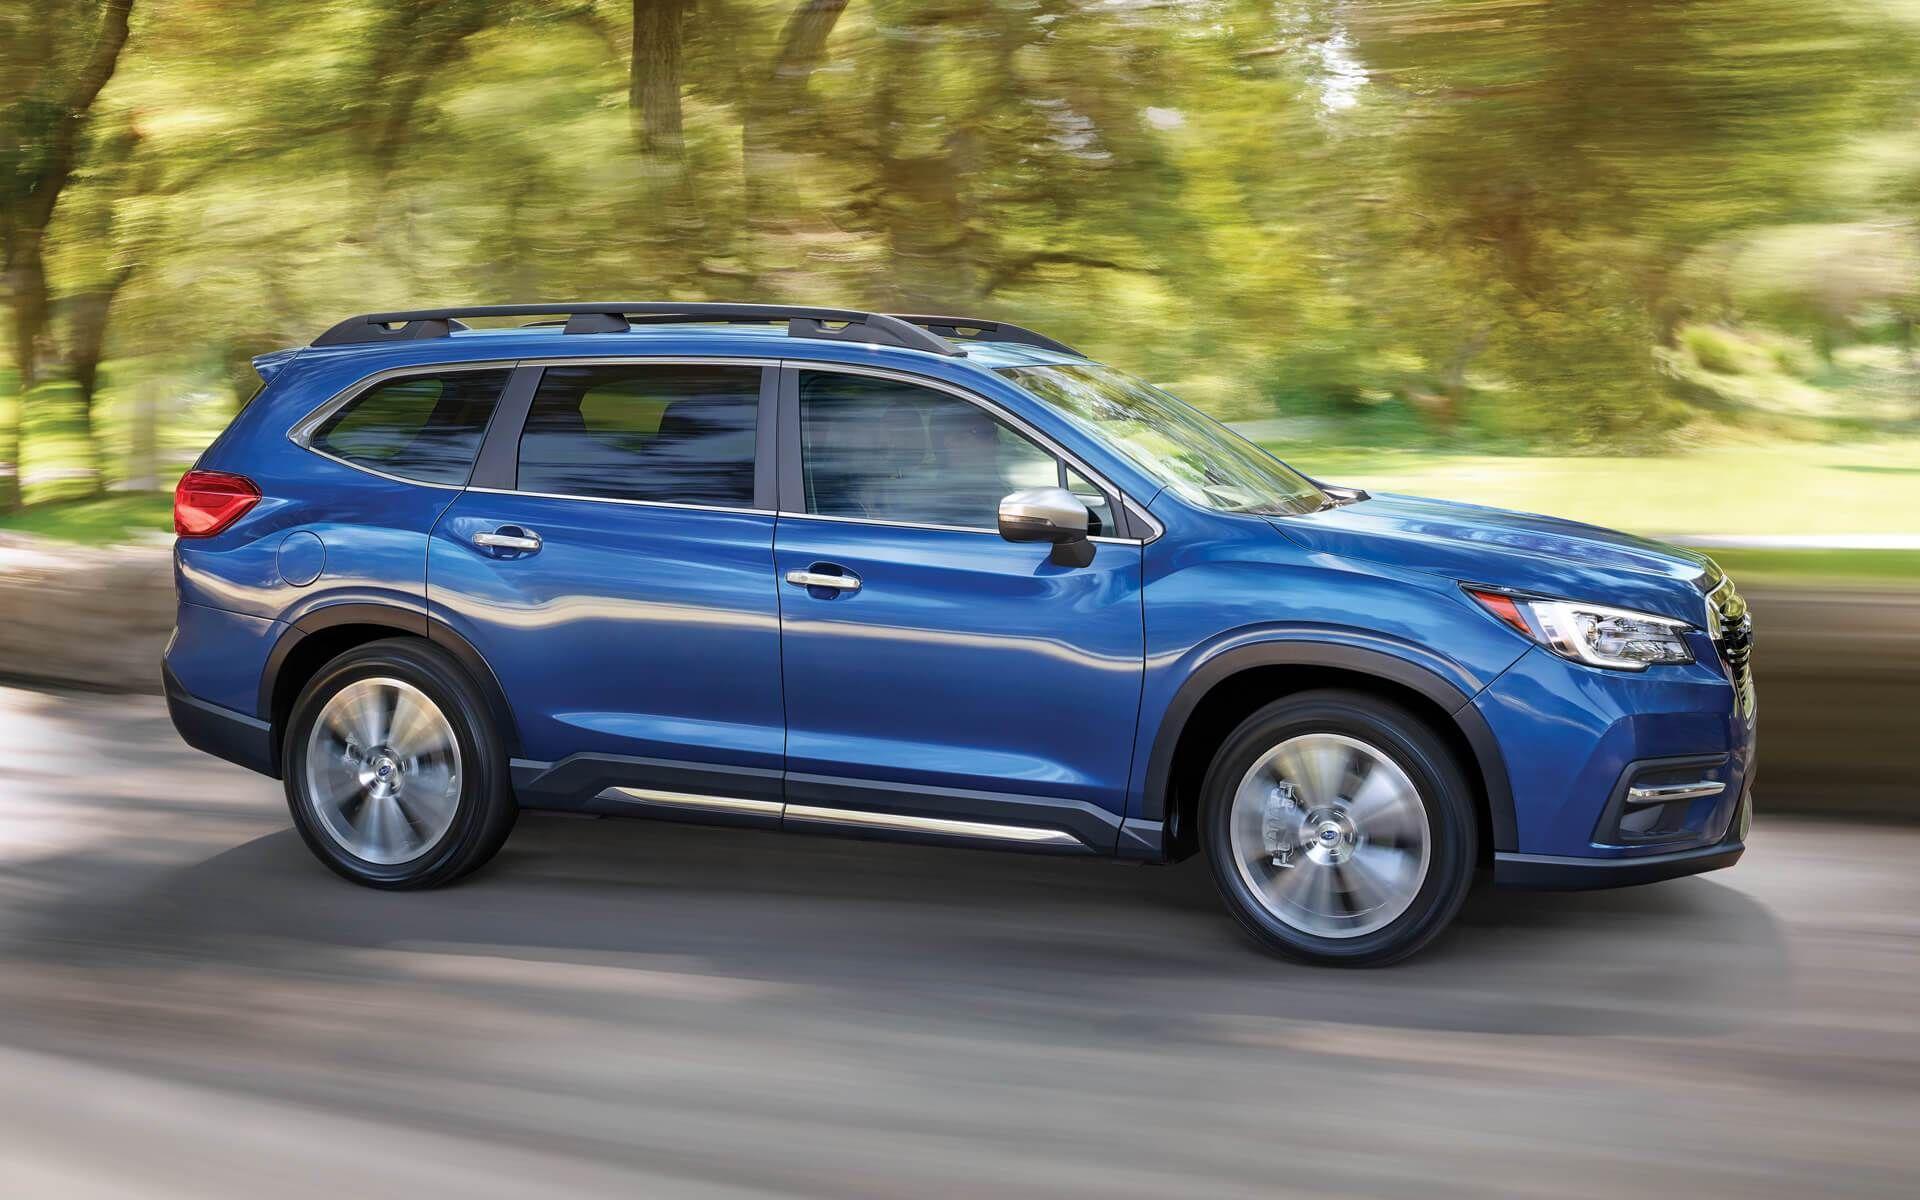 2019 Subaru Ascent Photos & Videos Subaru Large suv